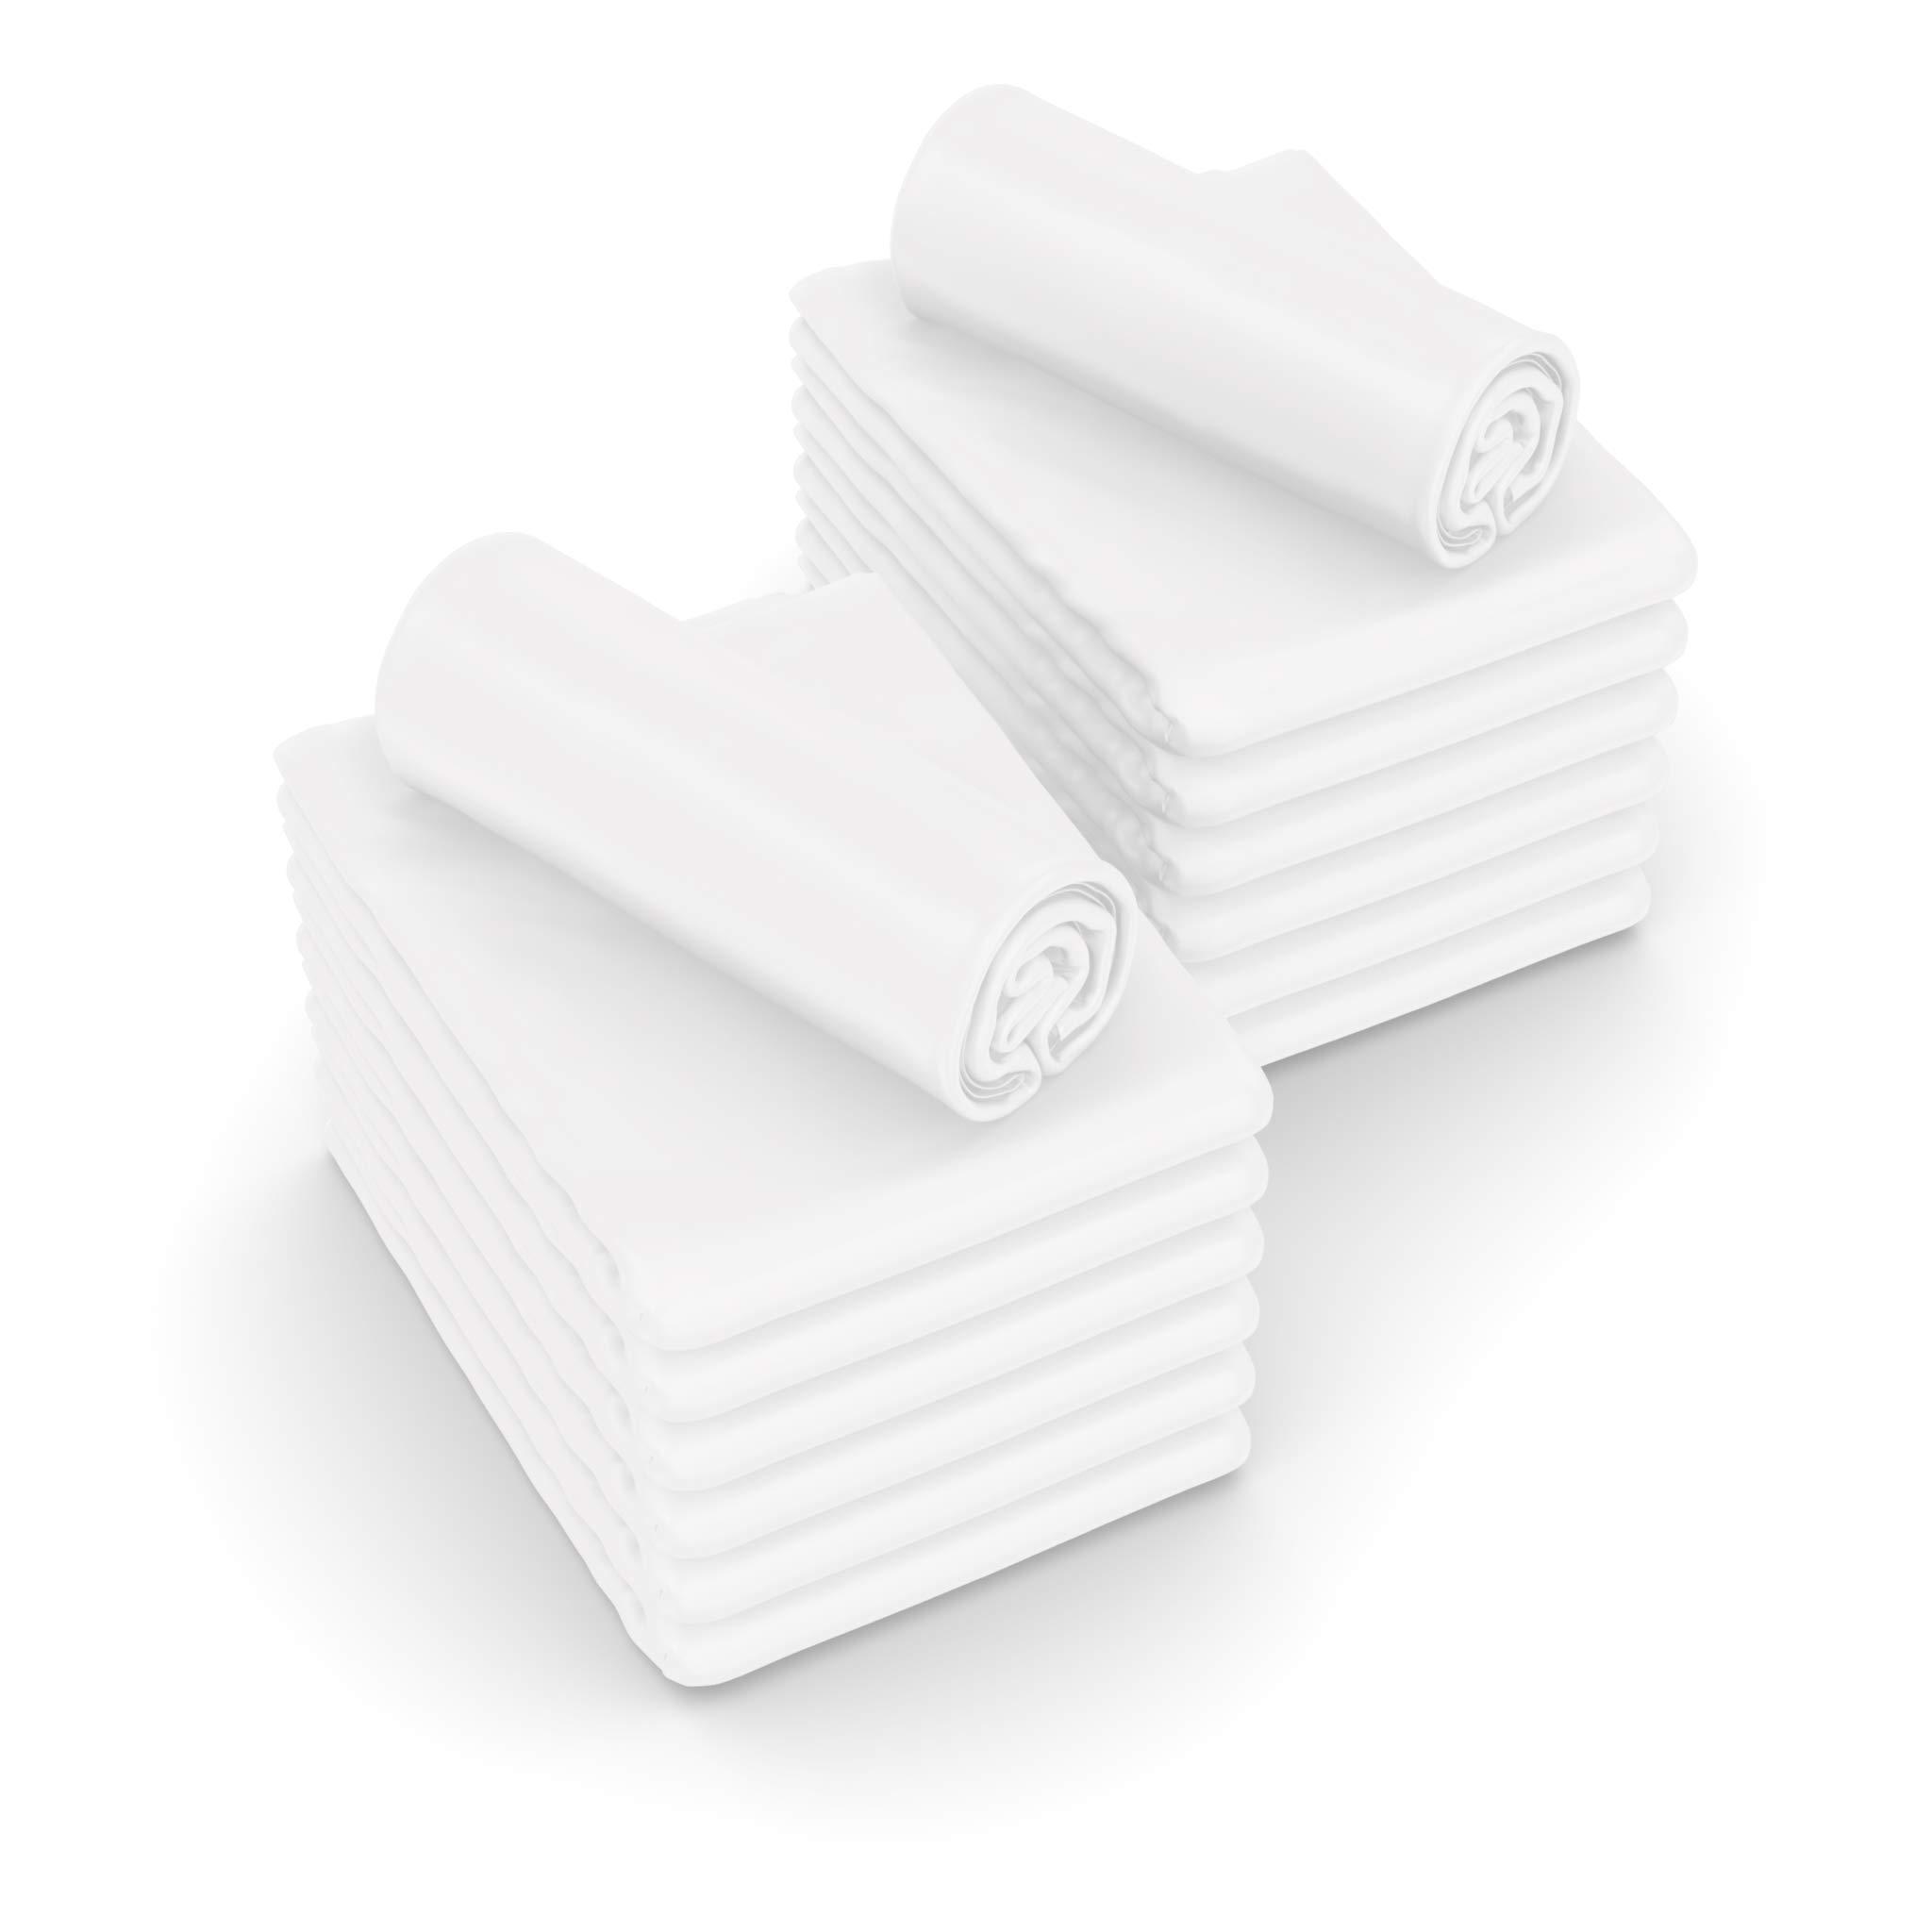 JMR White Flat Draw Sheet Muslin 54x90 Muslin T130 Cotton Blend (12)